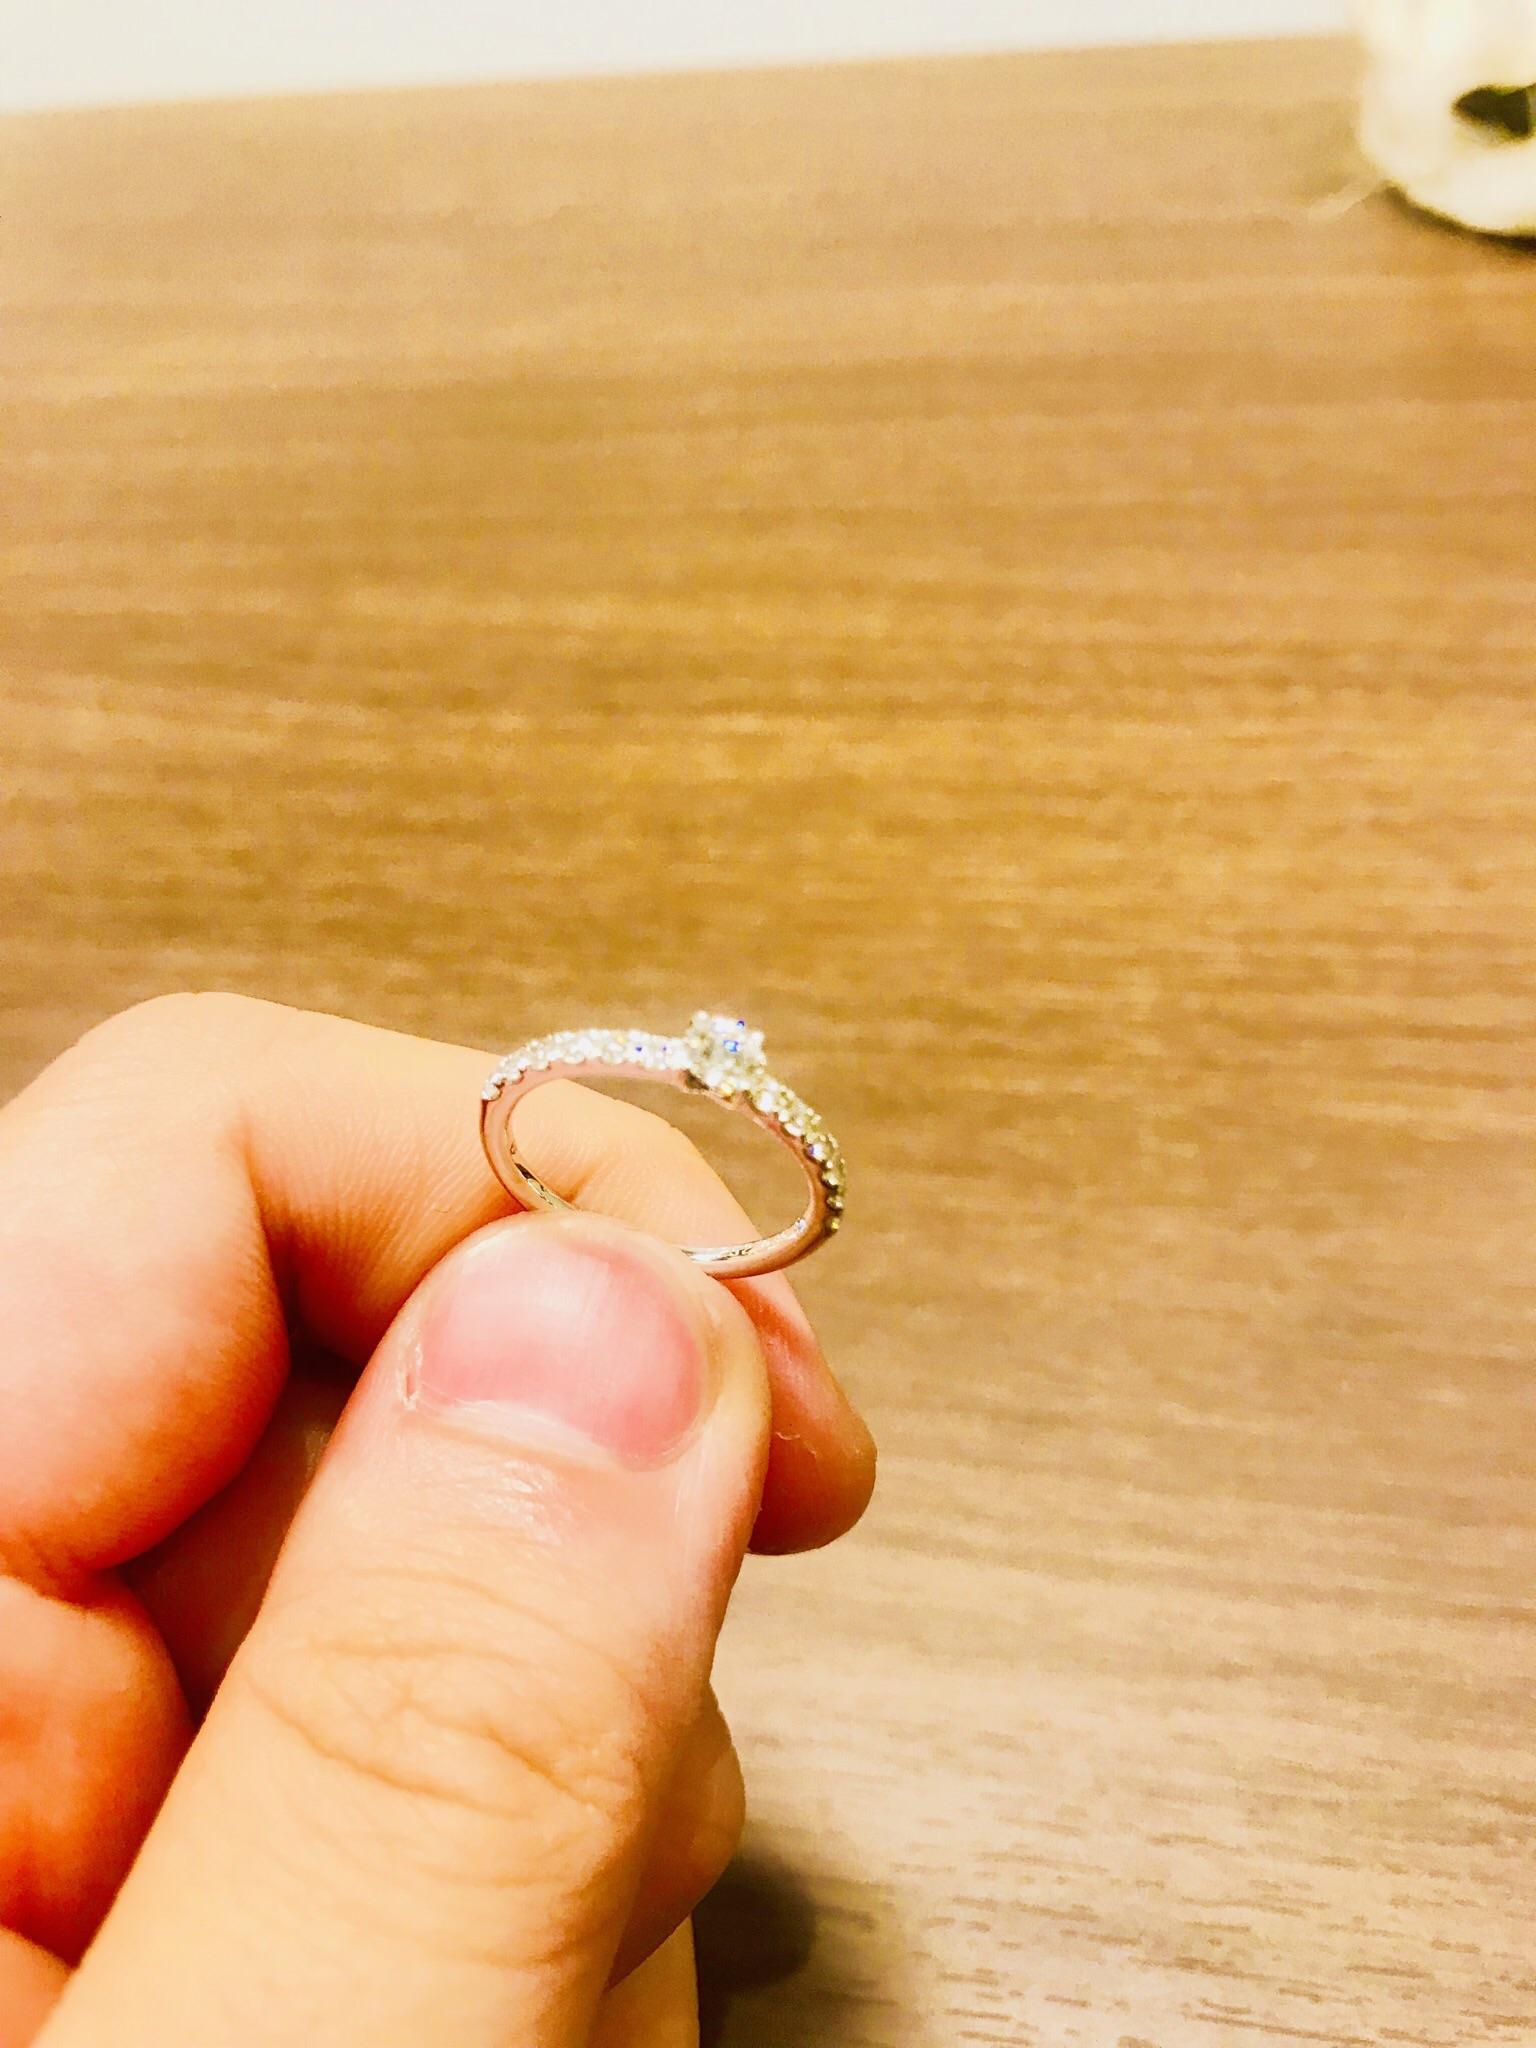 納得のダイヤモンドの品質。明らかに光り方が違う☆